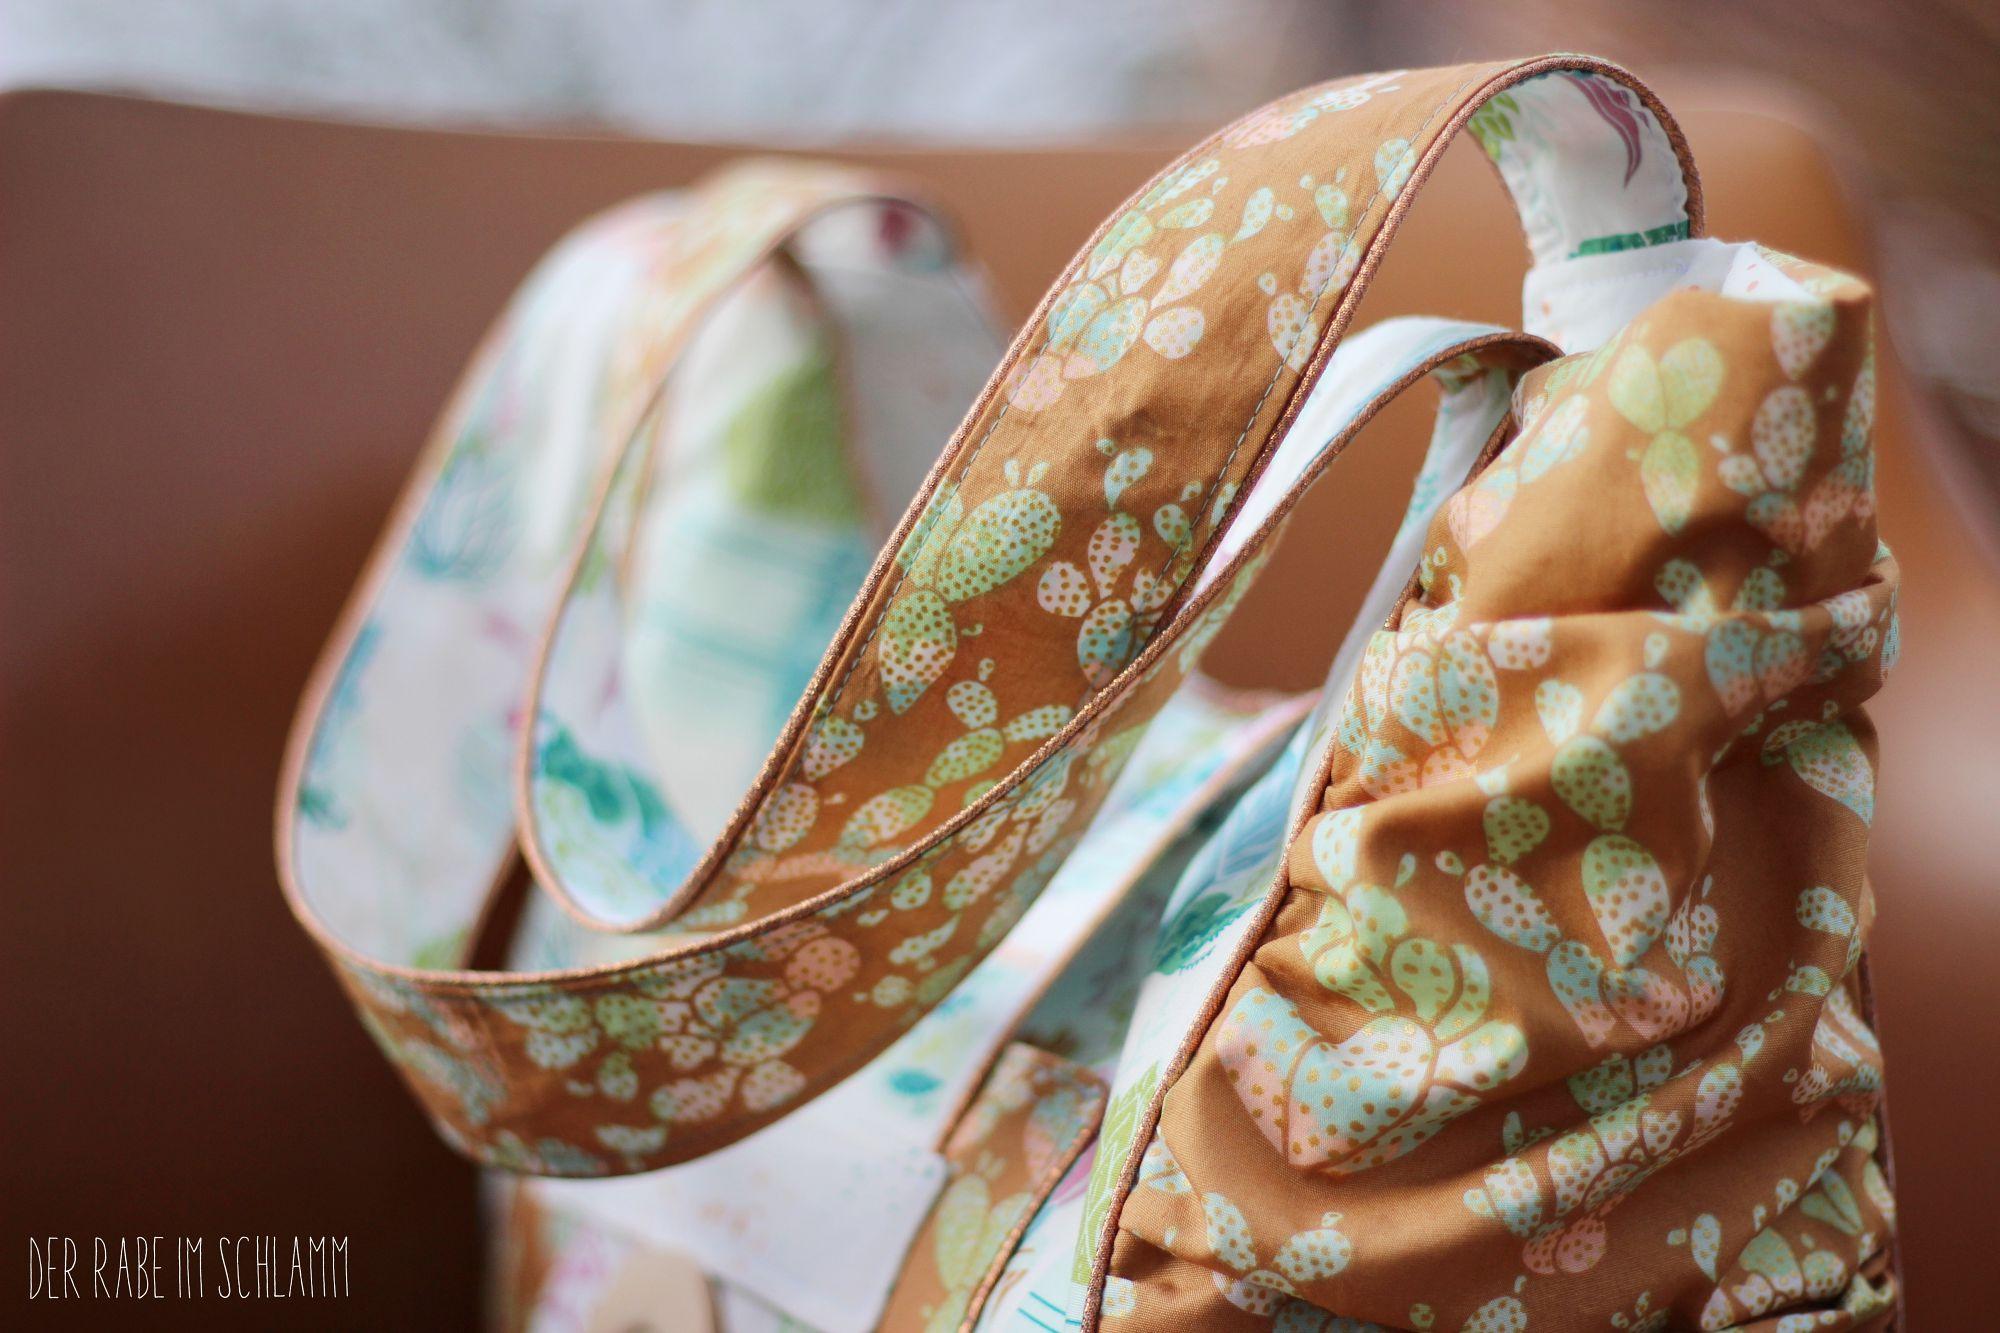 Big Beach Bag, Succulence farbrics, Der Rabe im Schlamm, Nähen, Taschen